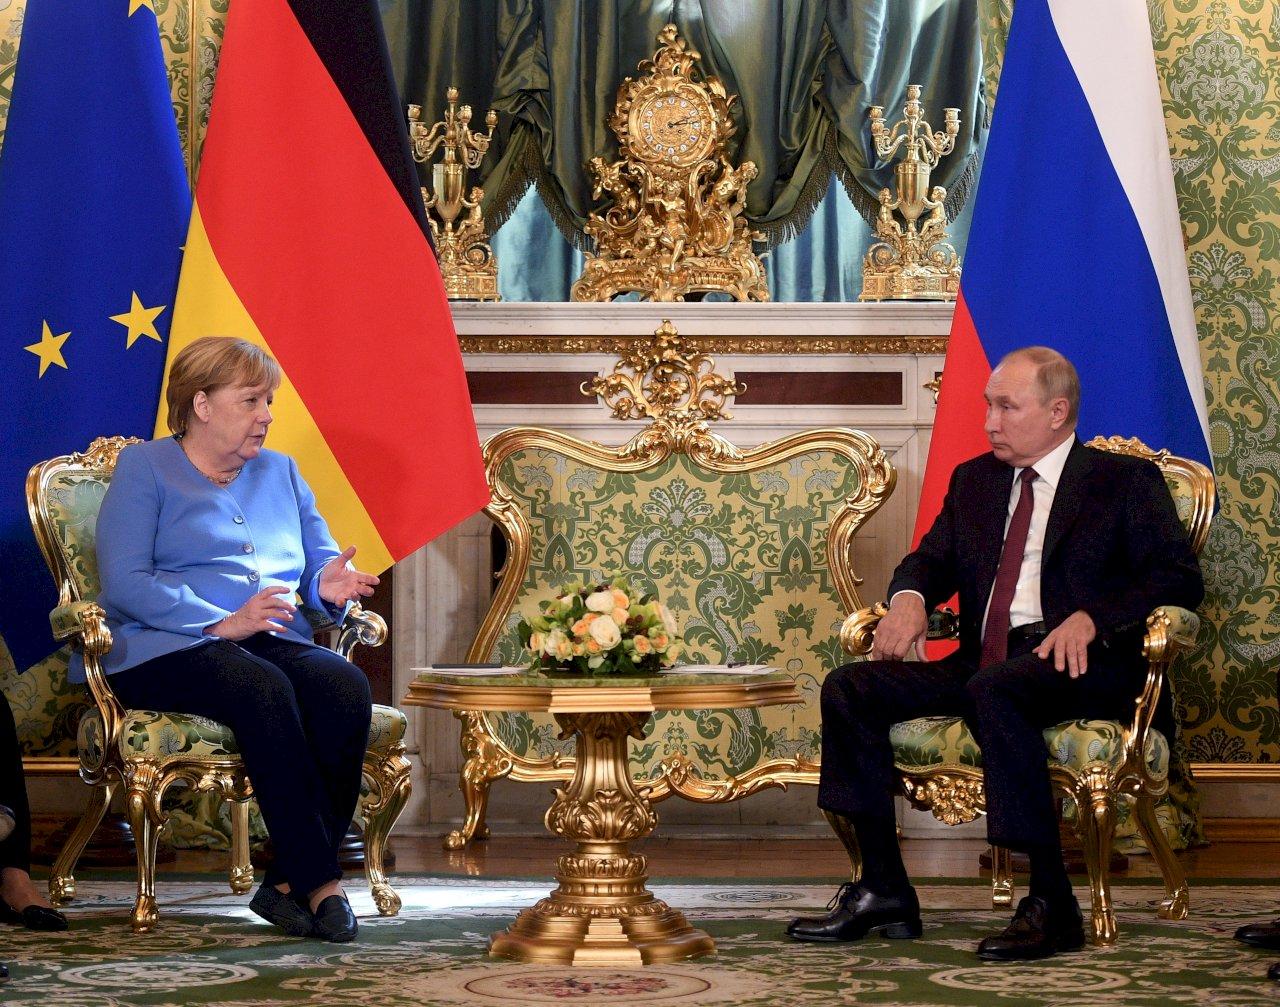 梅克爾:德俄歧見雖深 仍應持續對話